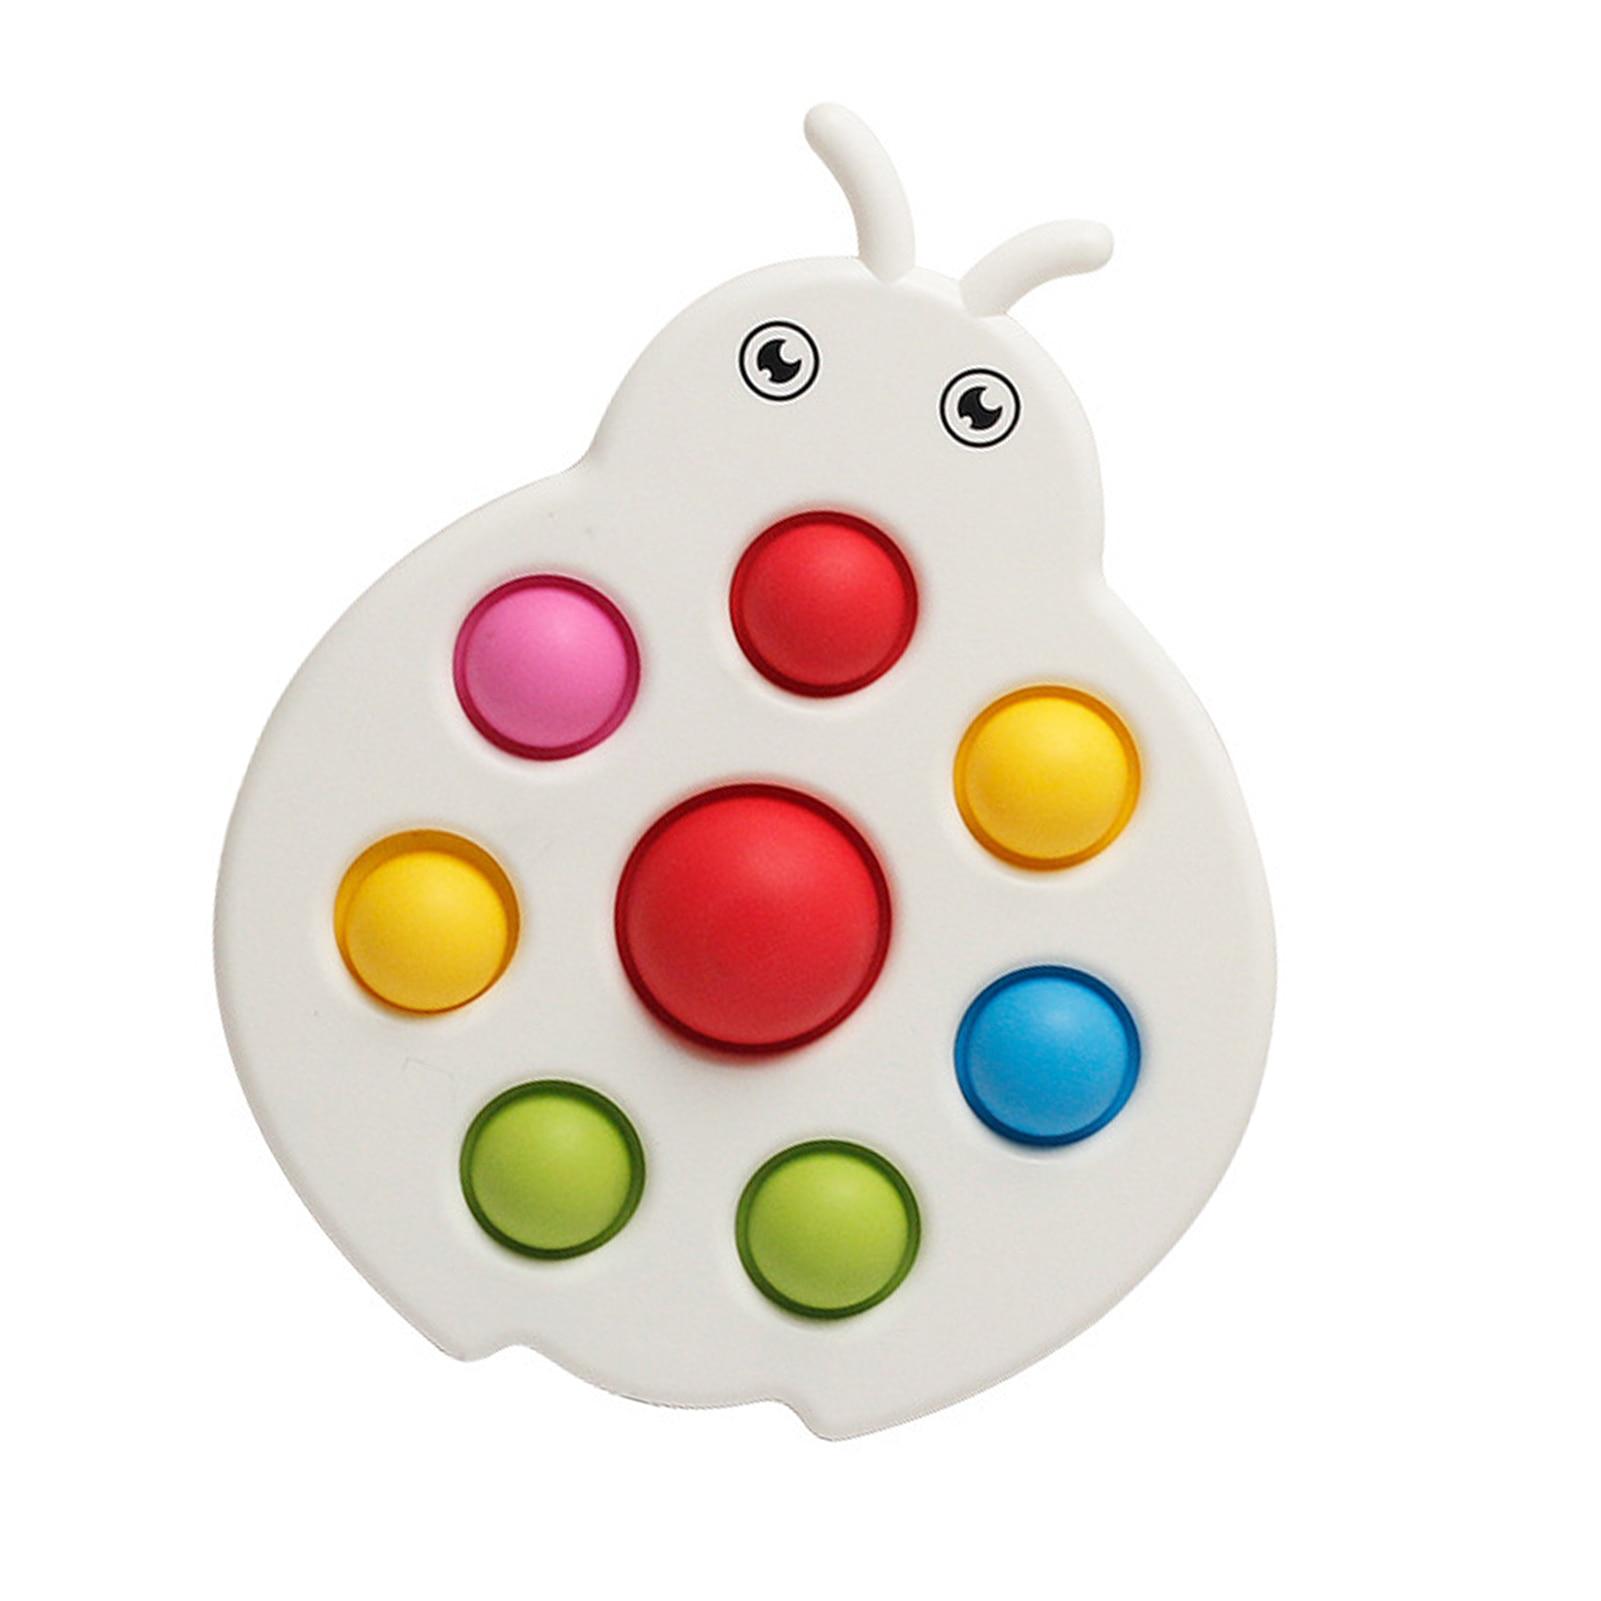 pop it worm fidget toy 7527 - Wacky Track